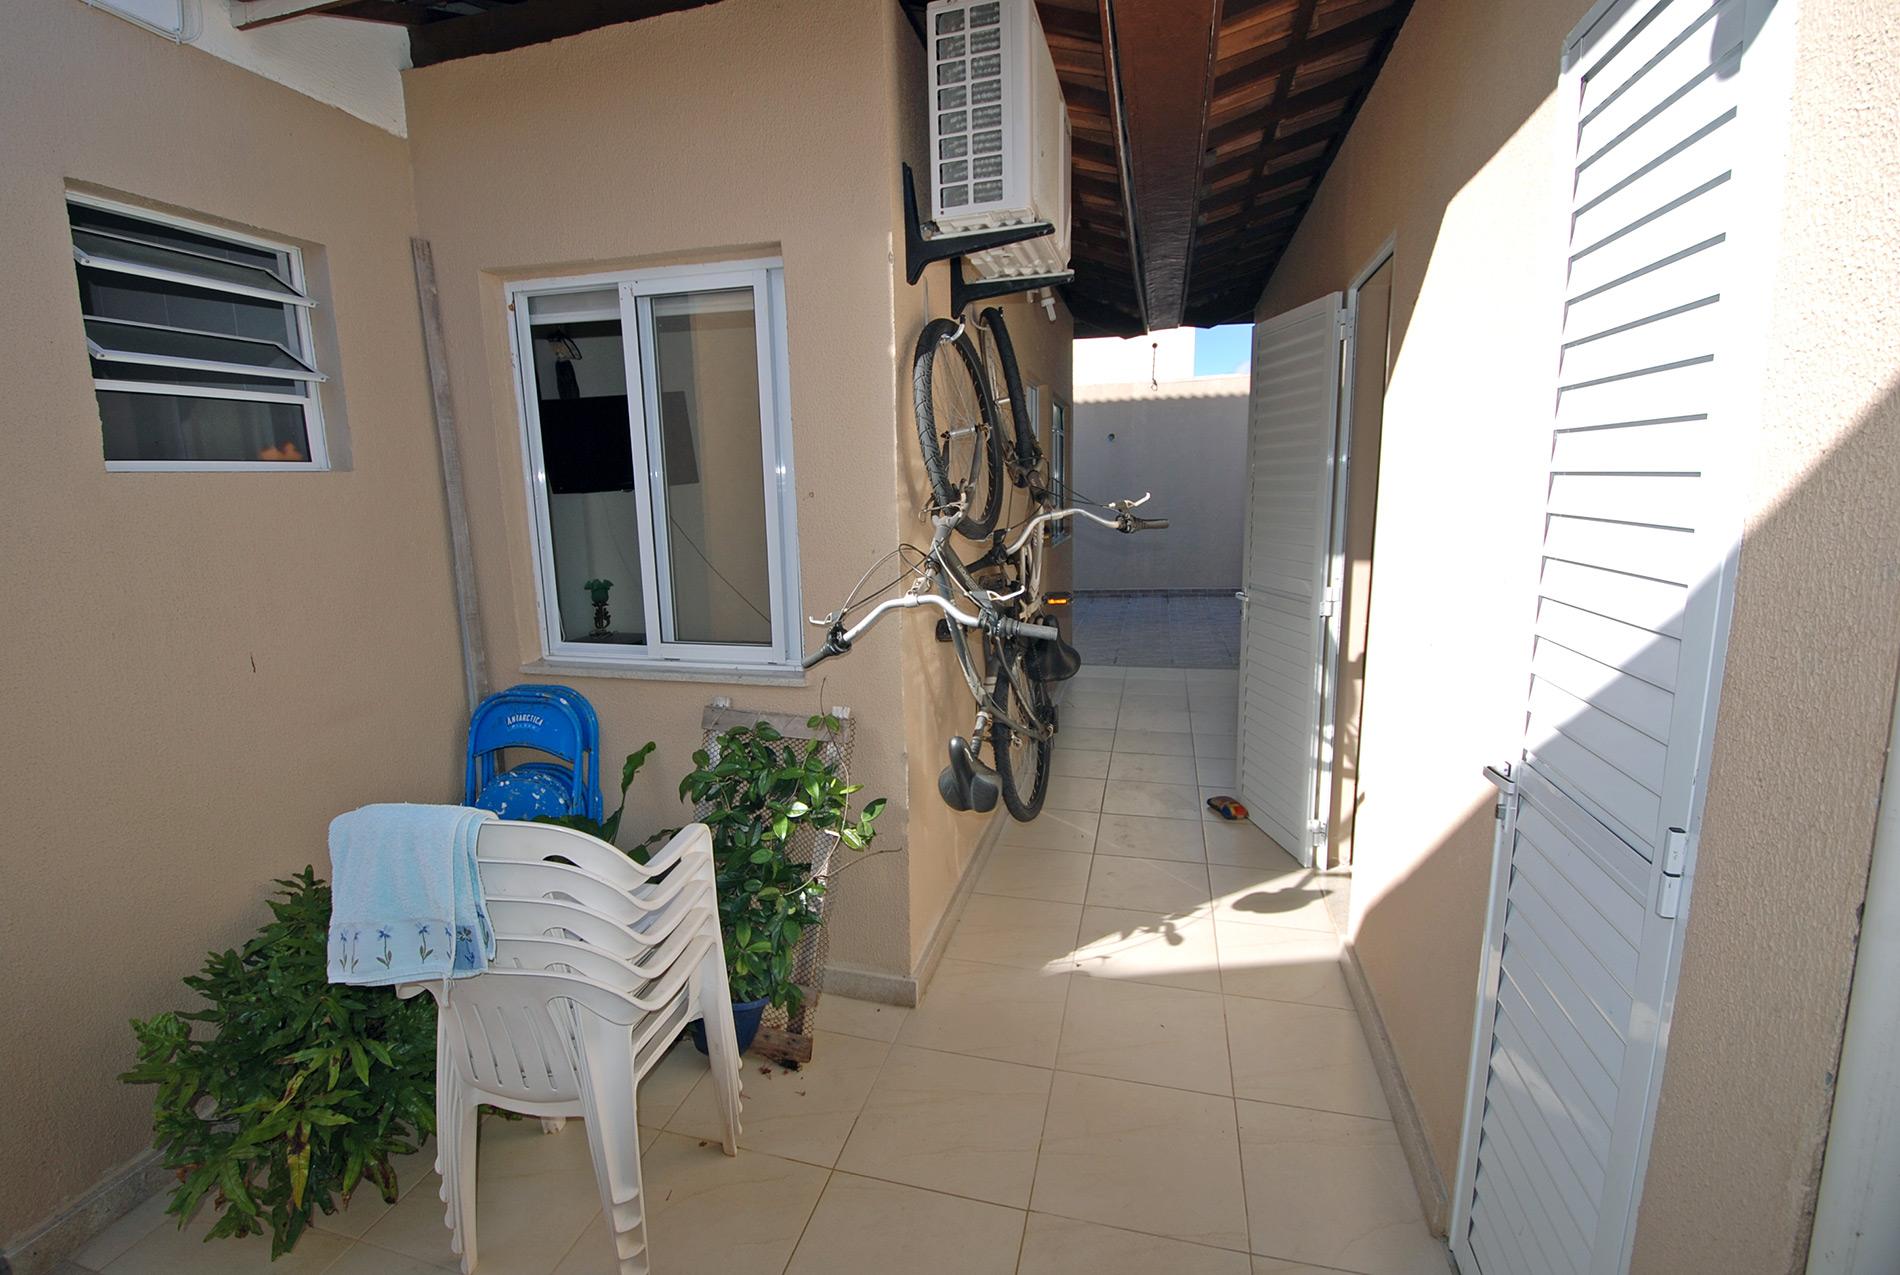 Casa moderna in vendita in catu abrantes hansen im veis for Piani casa moderna in vendita